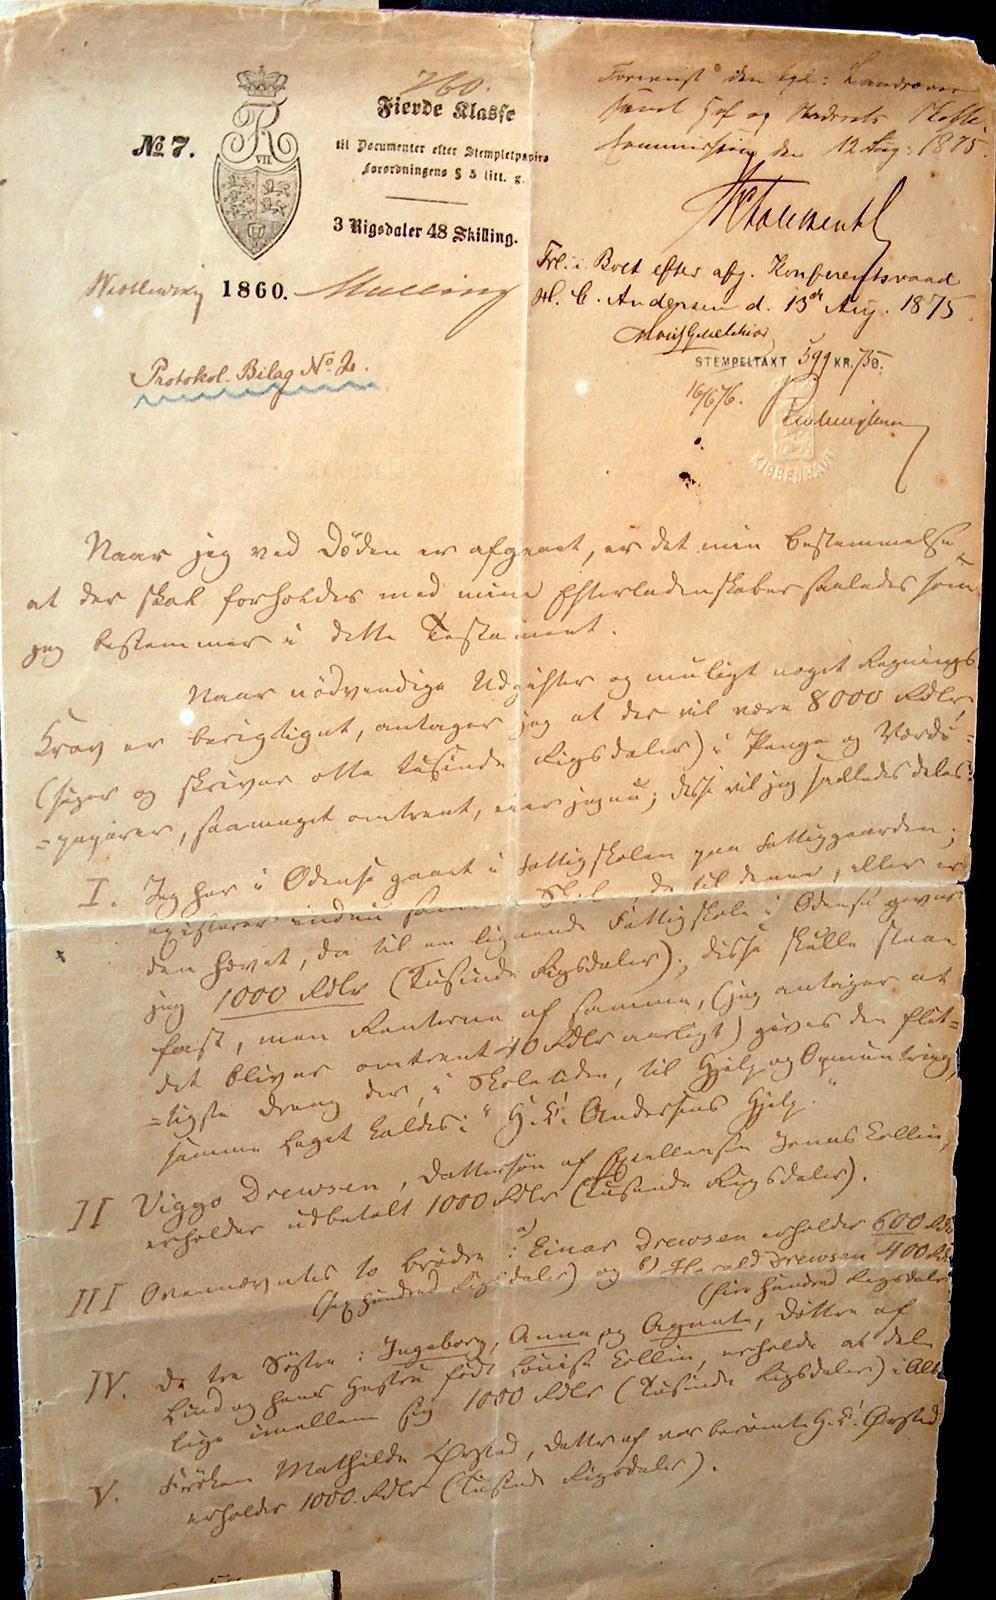 H.C. Andersens testamente 1860. Foto Lars Bjørnsten Odense